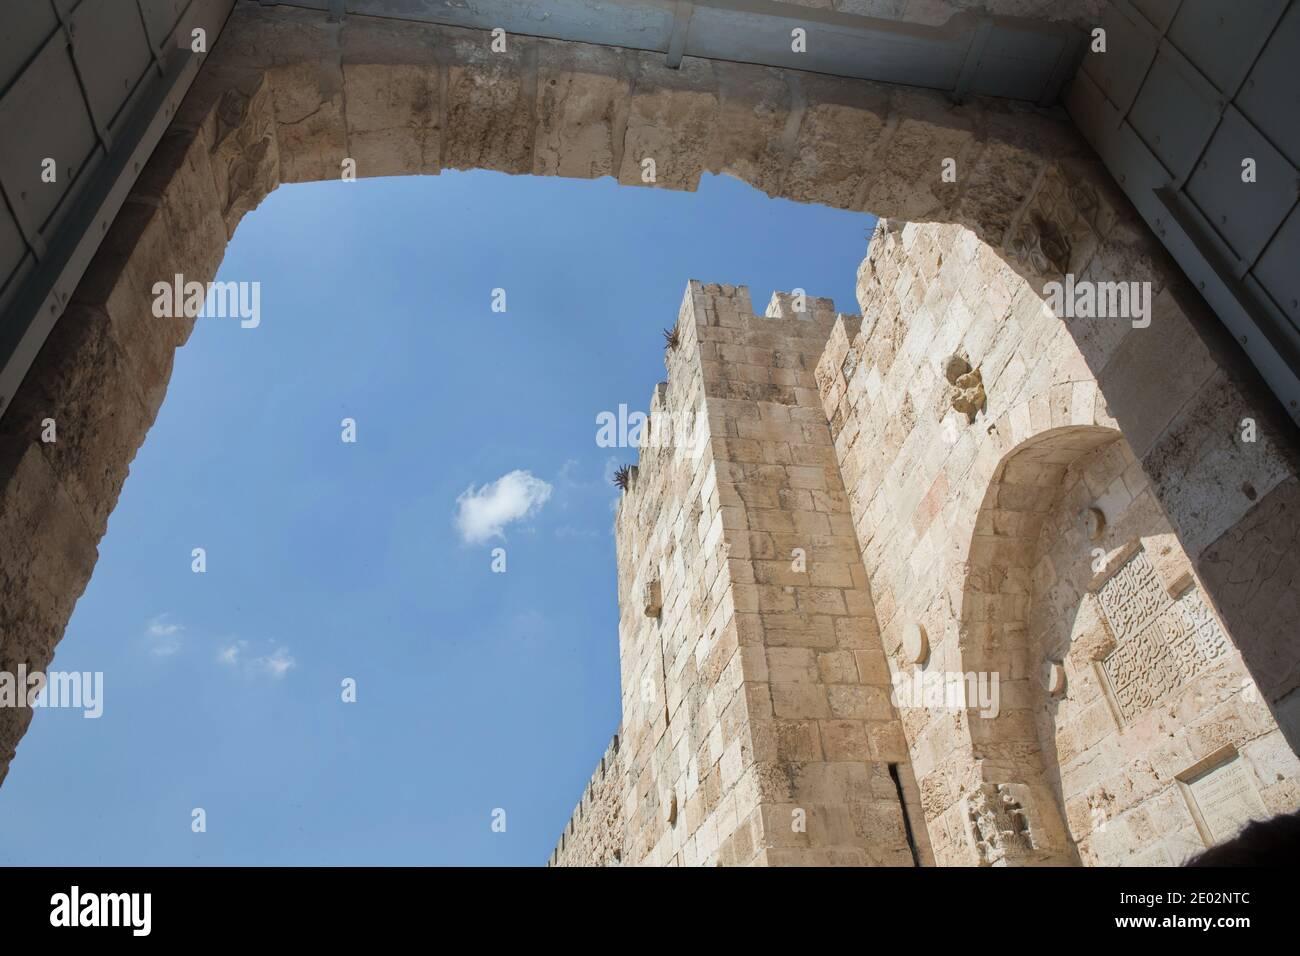 Jaffa Gate A major entrance to the Old City of Jerusalem Stock Photo